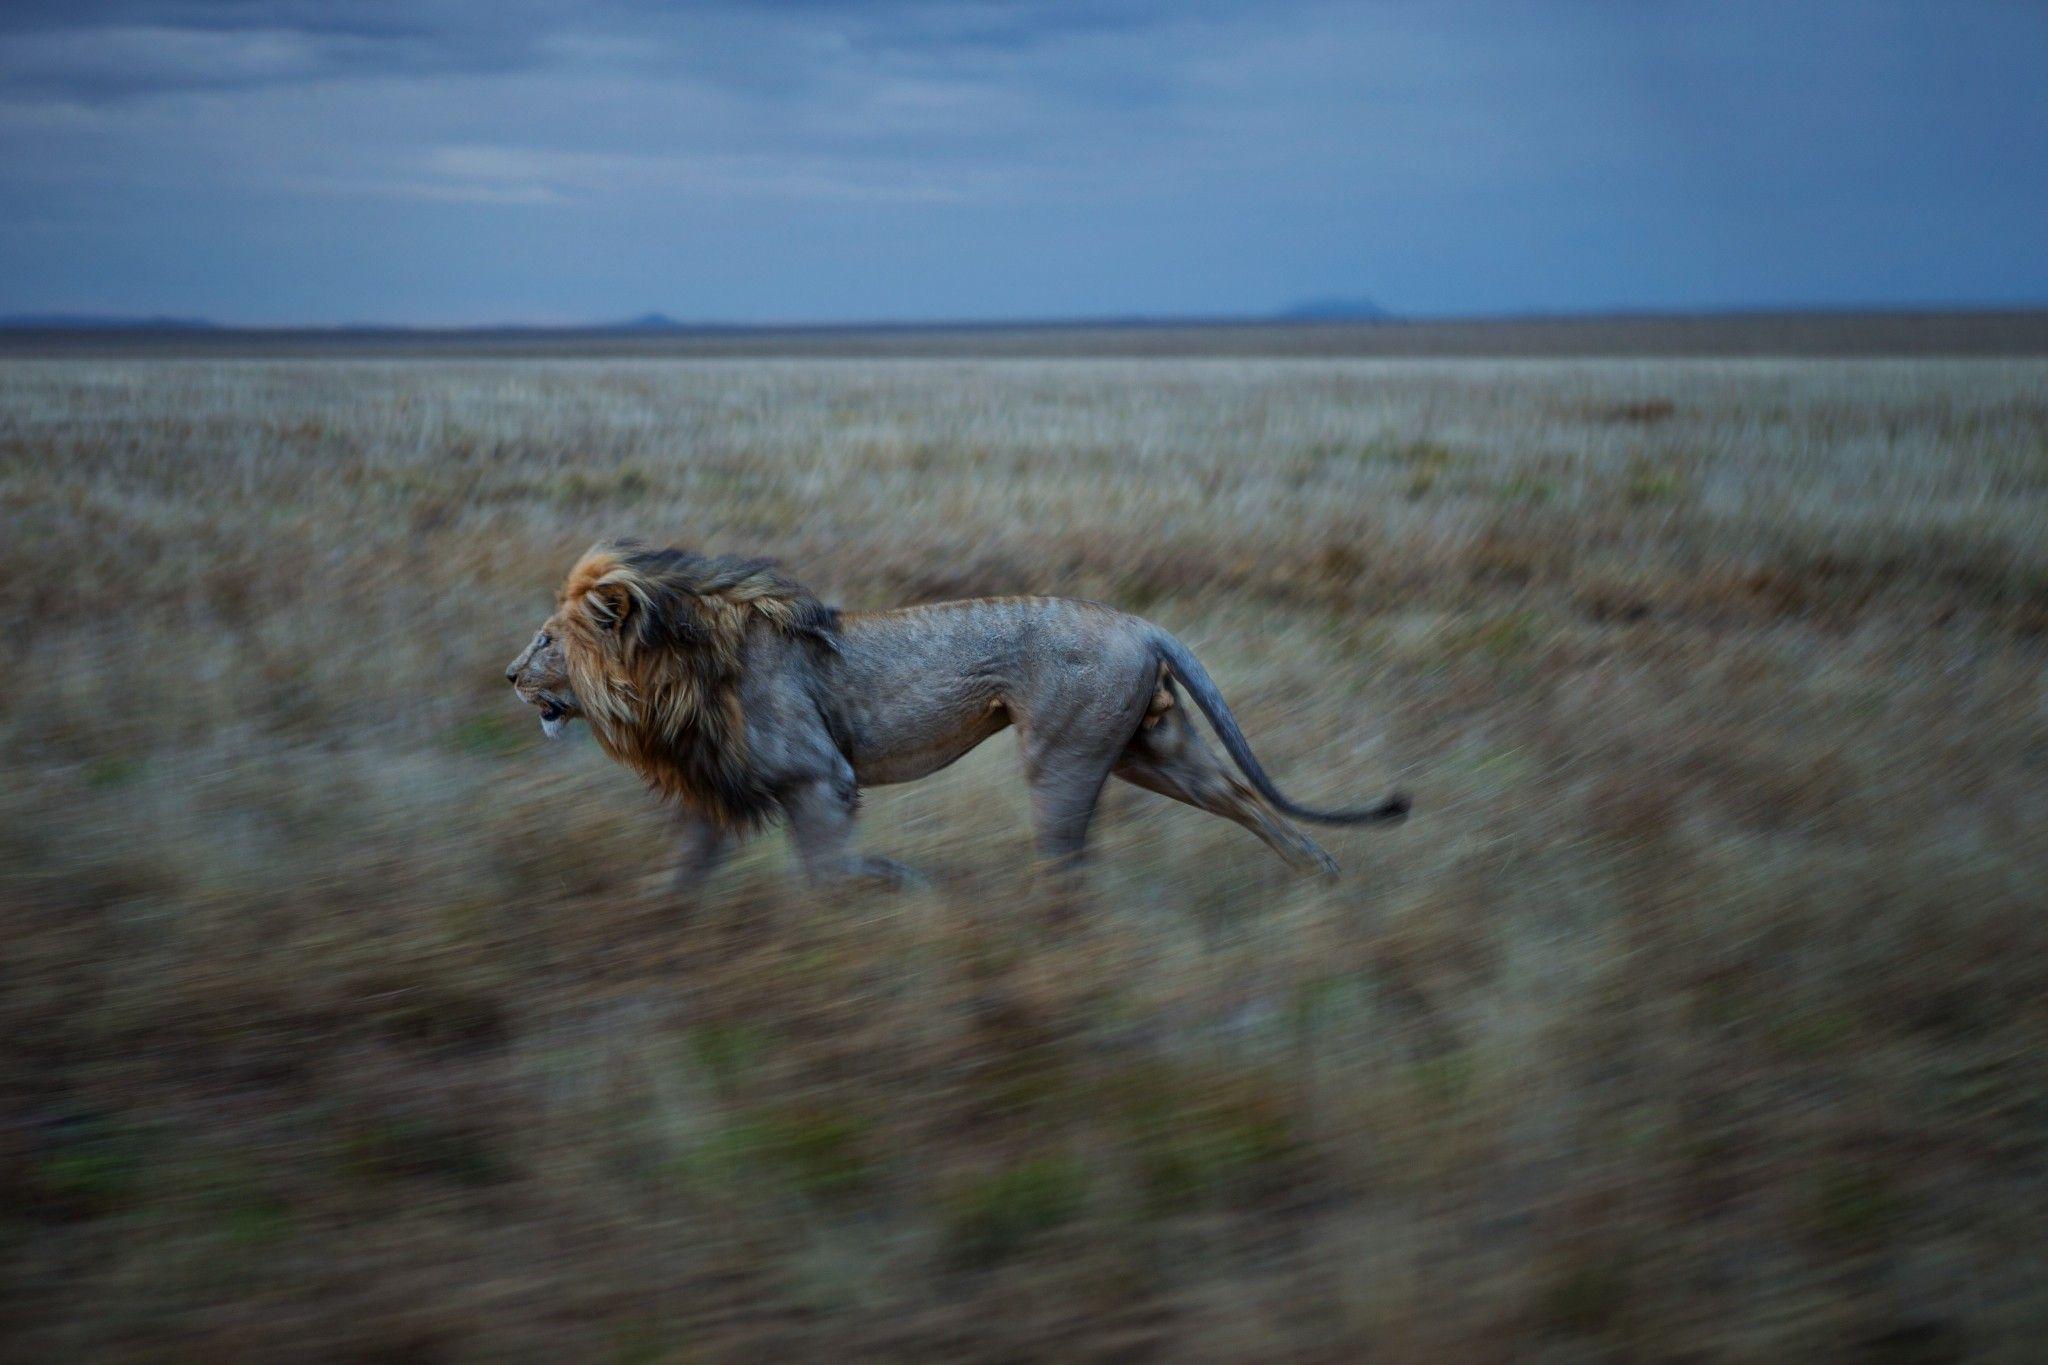 La sixième extinction de masse des animaux a déjà commencé